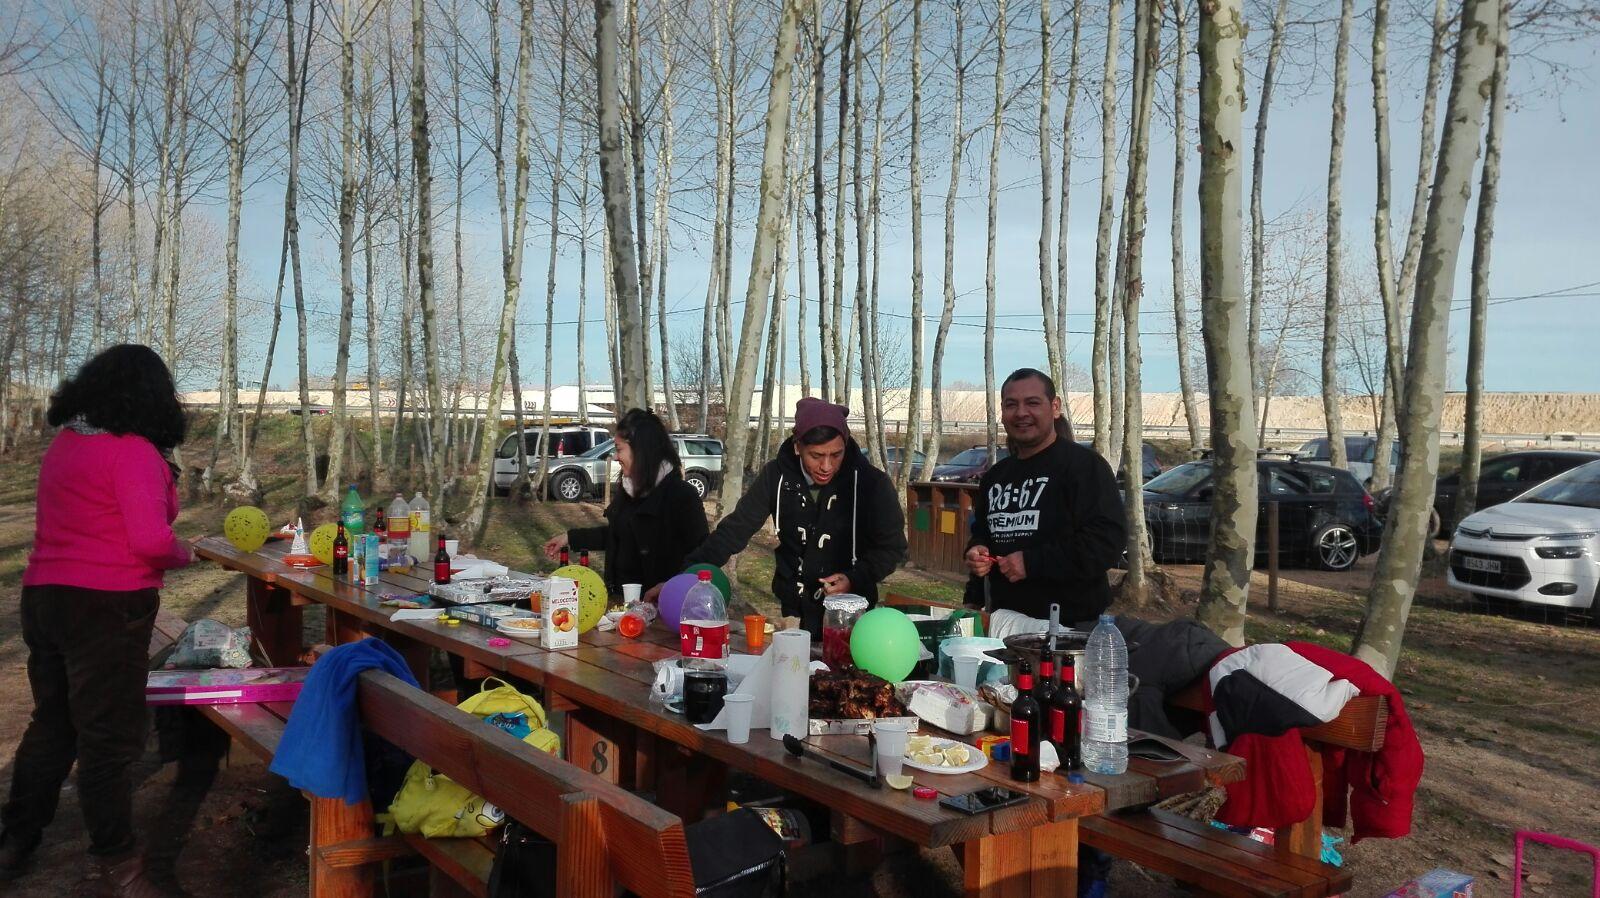 amics preparant dinar picnic les 3 flors